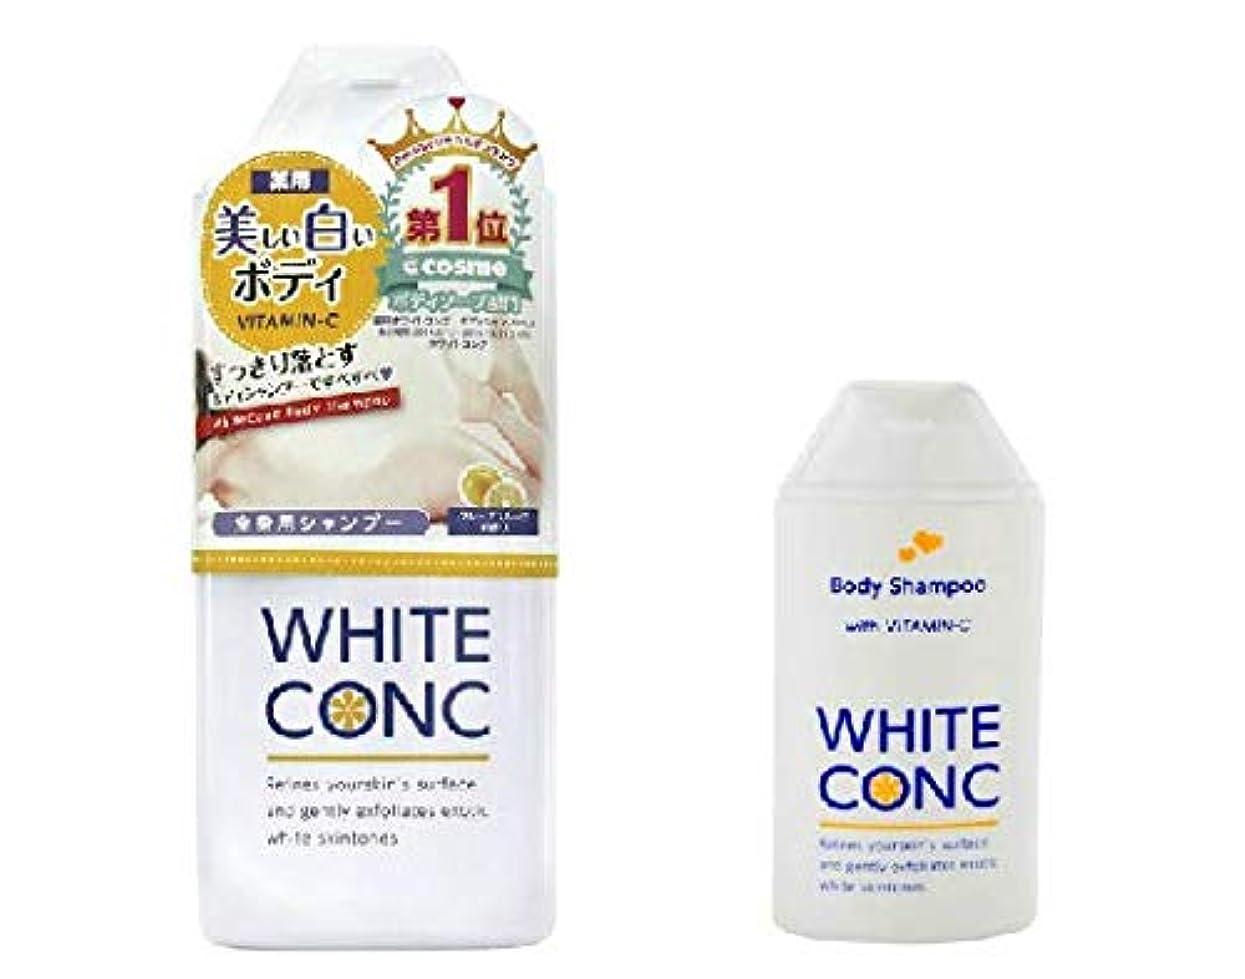 仲良し機関無線【WHITE CONC(ホワイトコンク)】 ボディシャンプーC Ⅱ_360mL1本&150mL1本